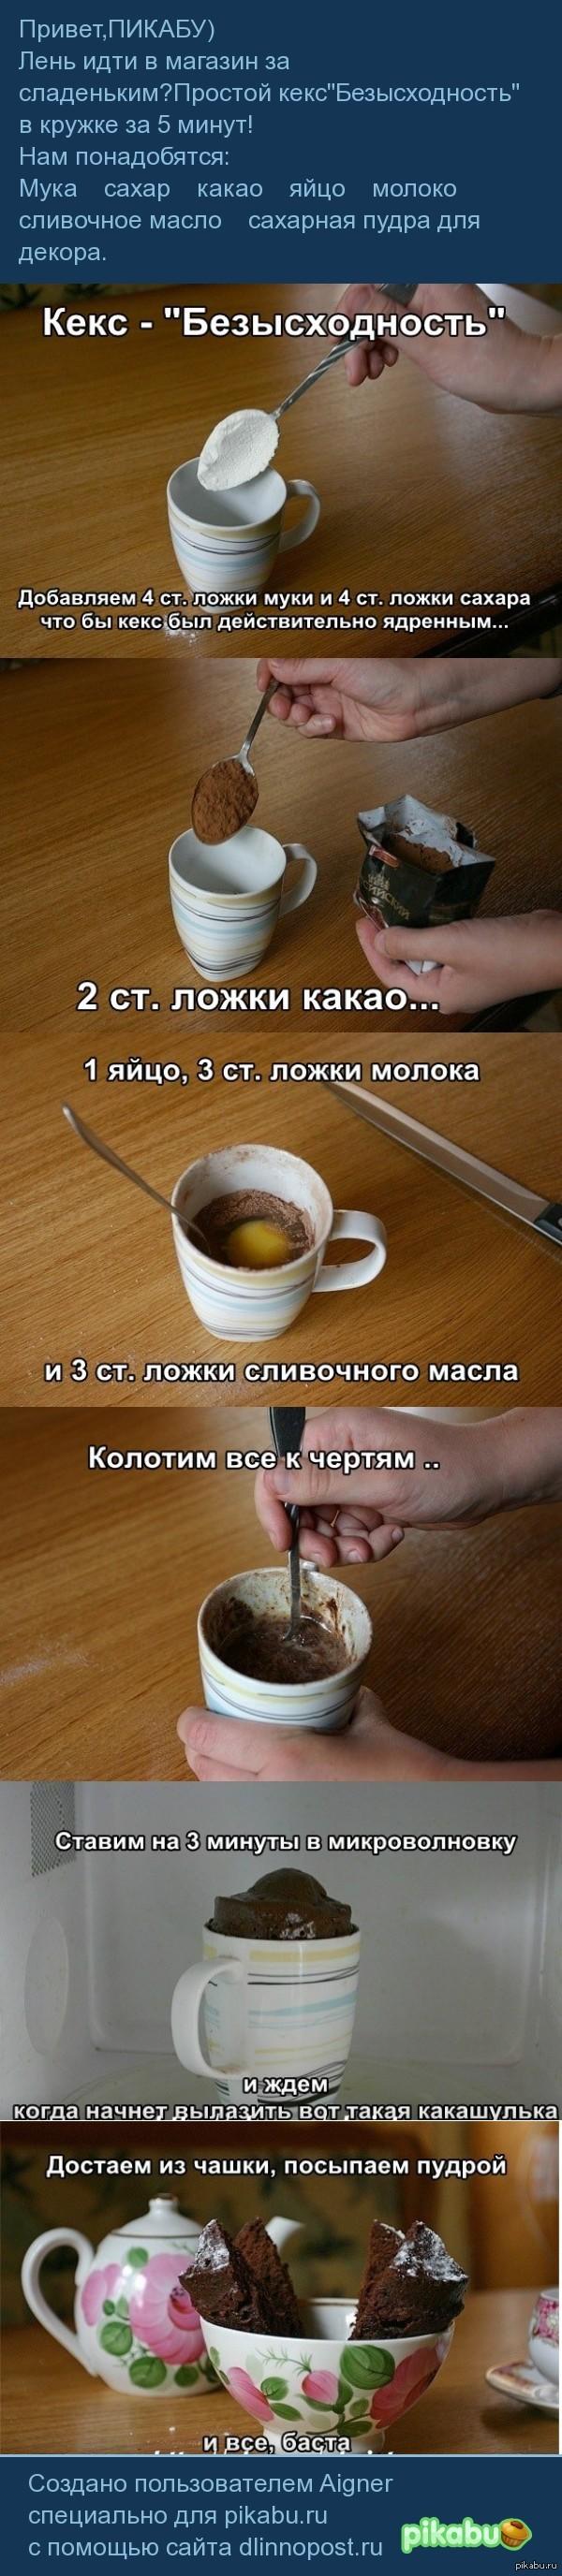 Как за 5 минут сделать кекс в микроволновке за 5 минут